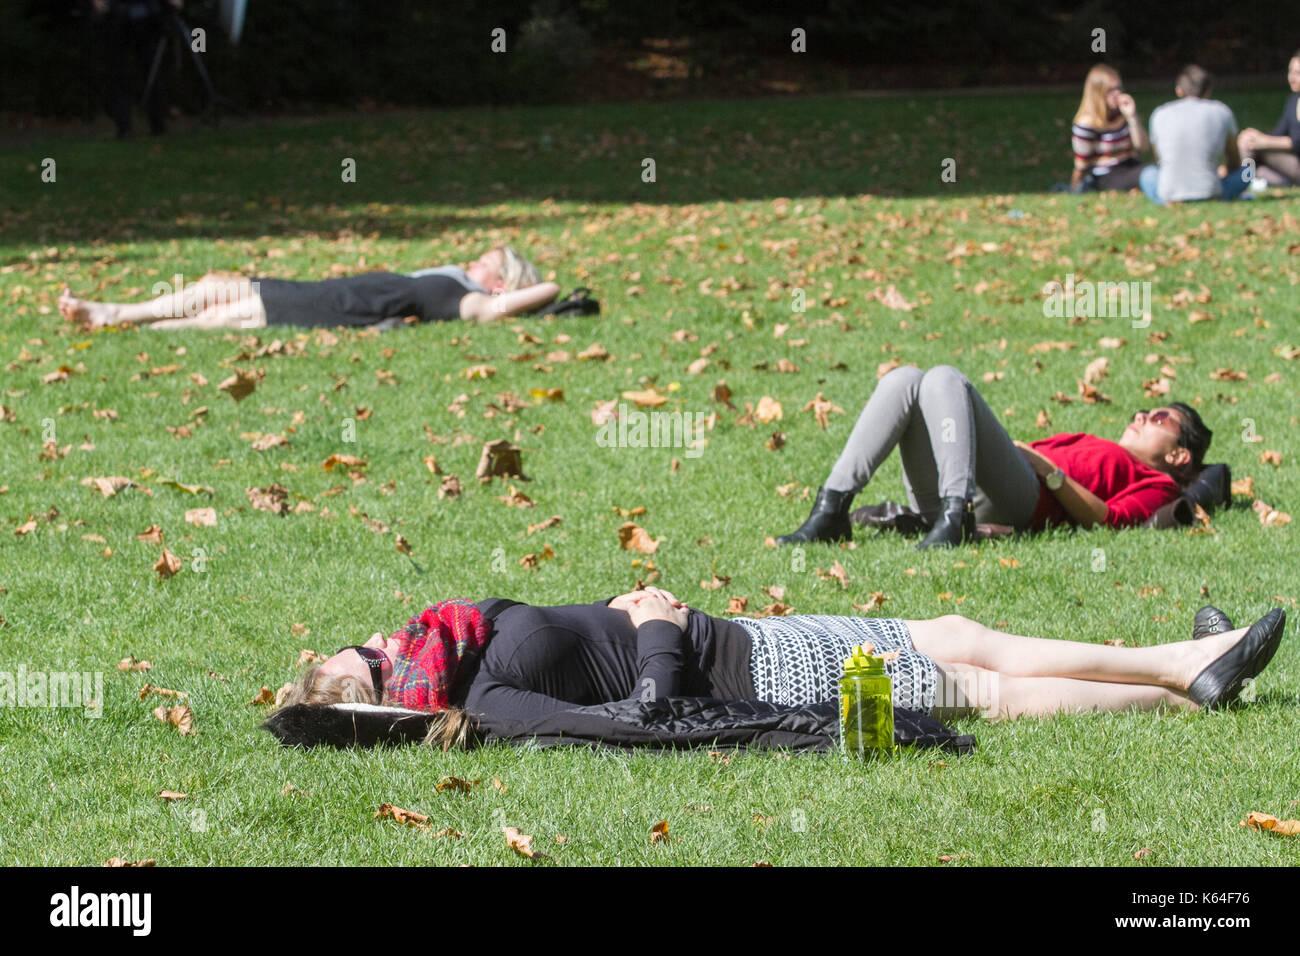 Westminster.London, UK. 11th Sep, 2017. People Sunbathing In Victoria  Gardens Nice Look